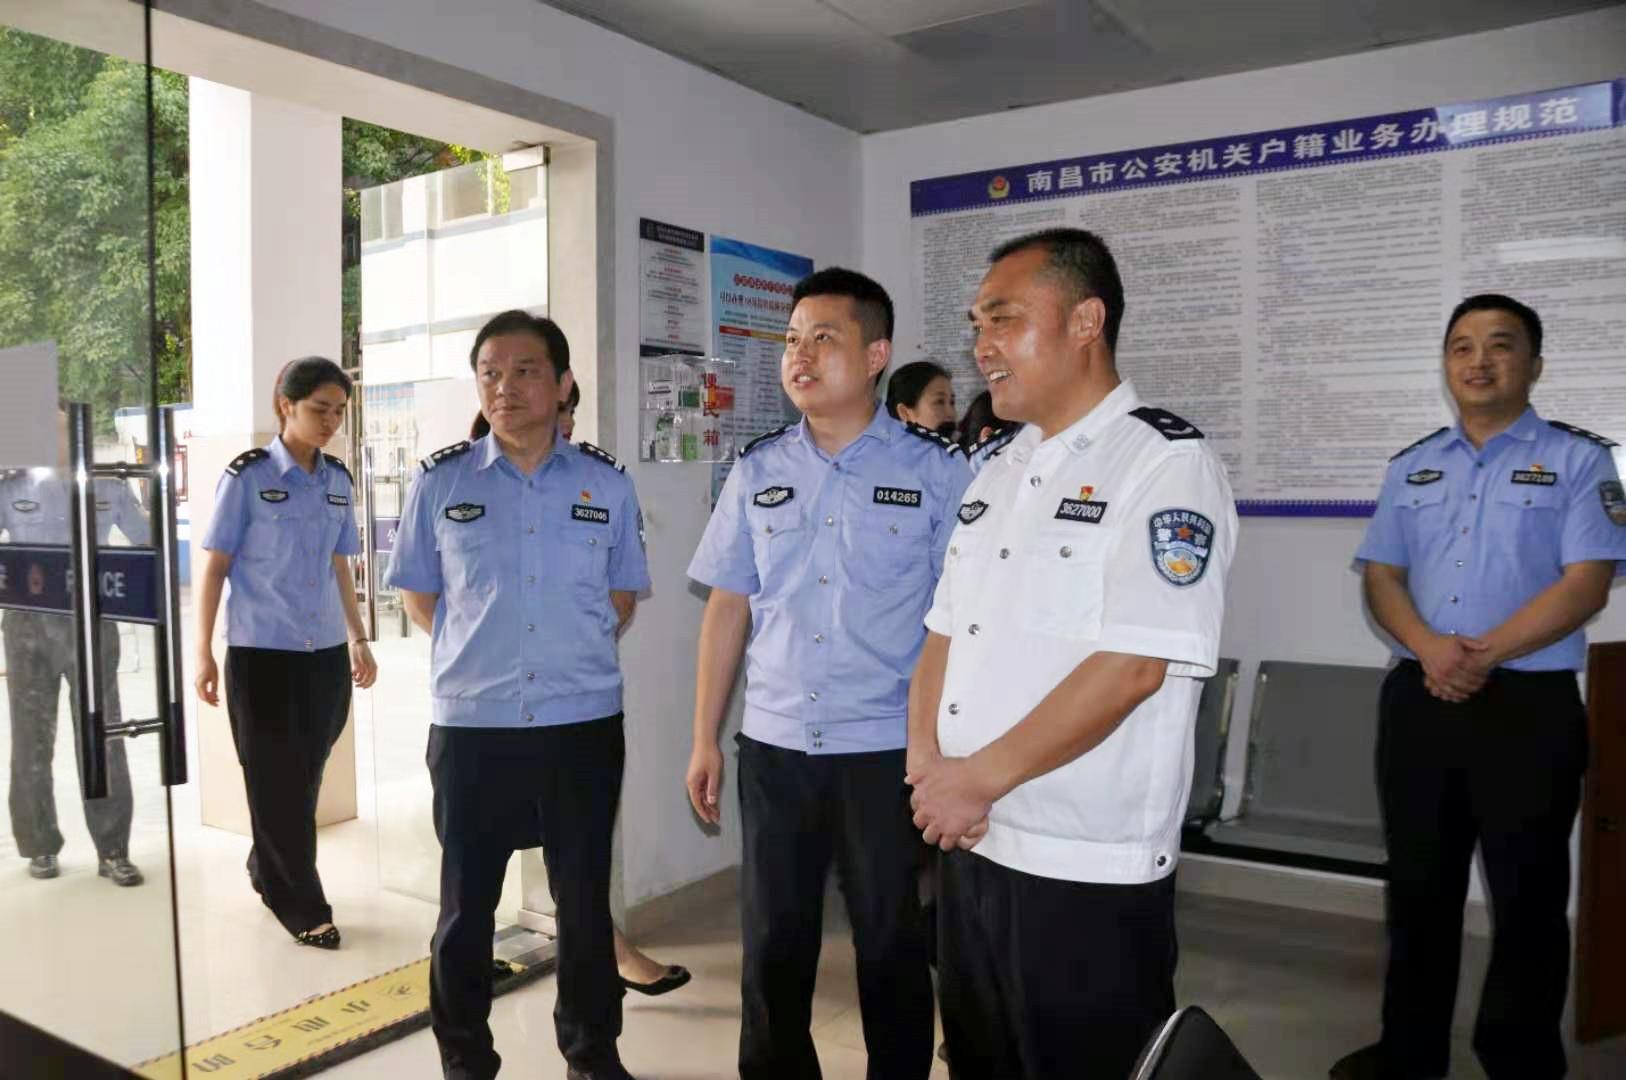 打造特色警营文化 南昌市强戒所所长带队去了这几个地方考察